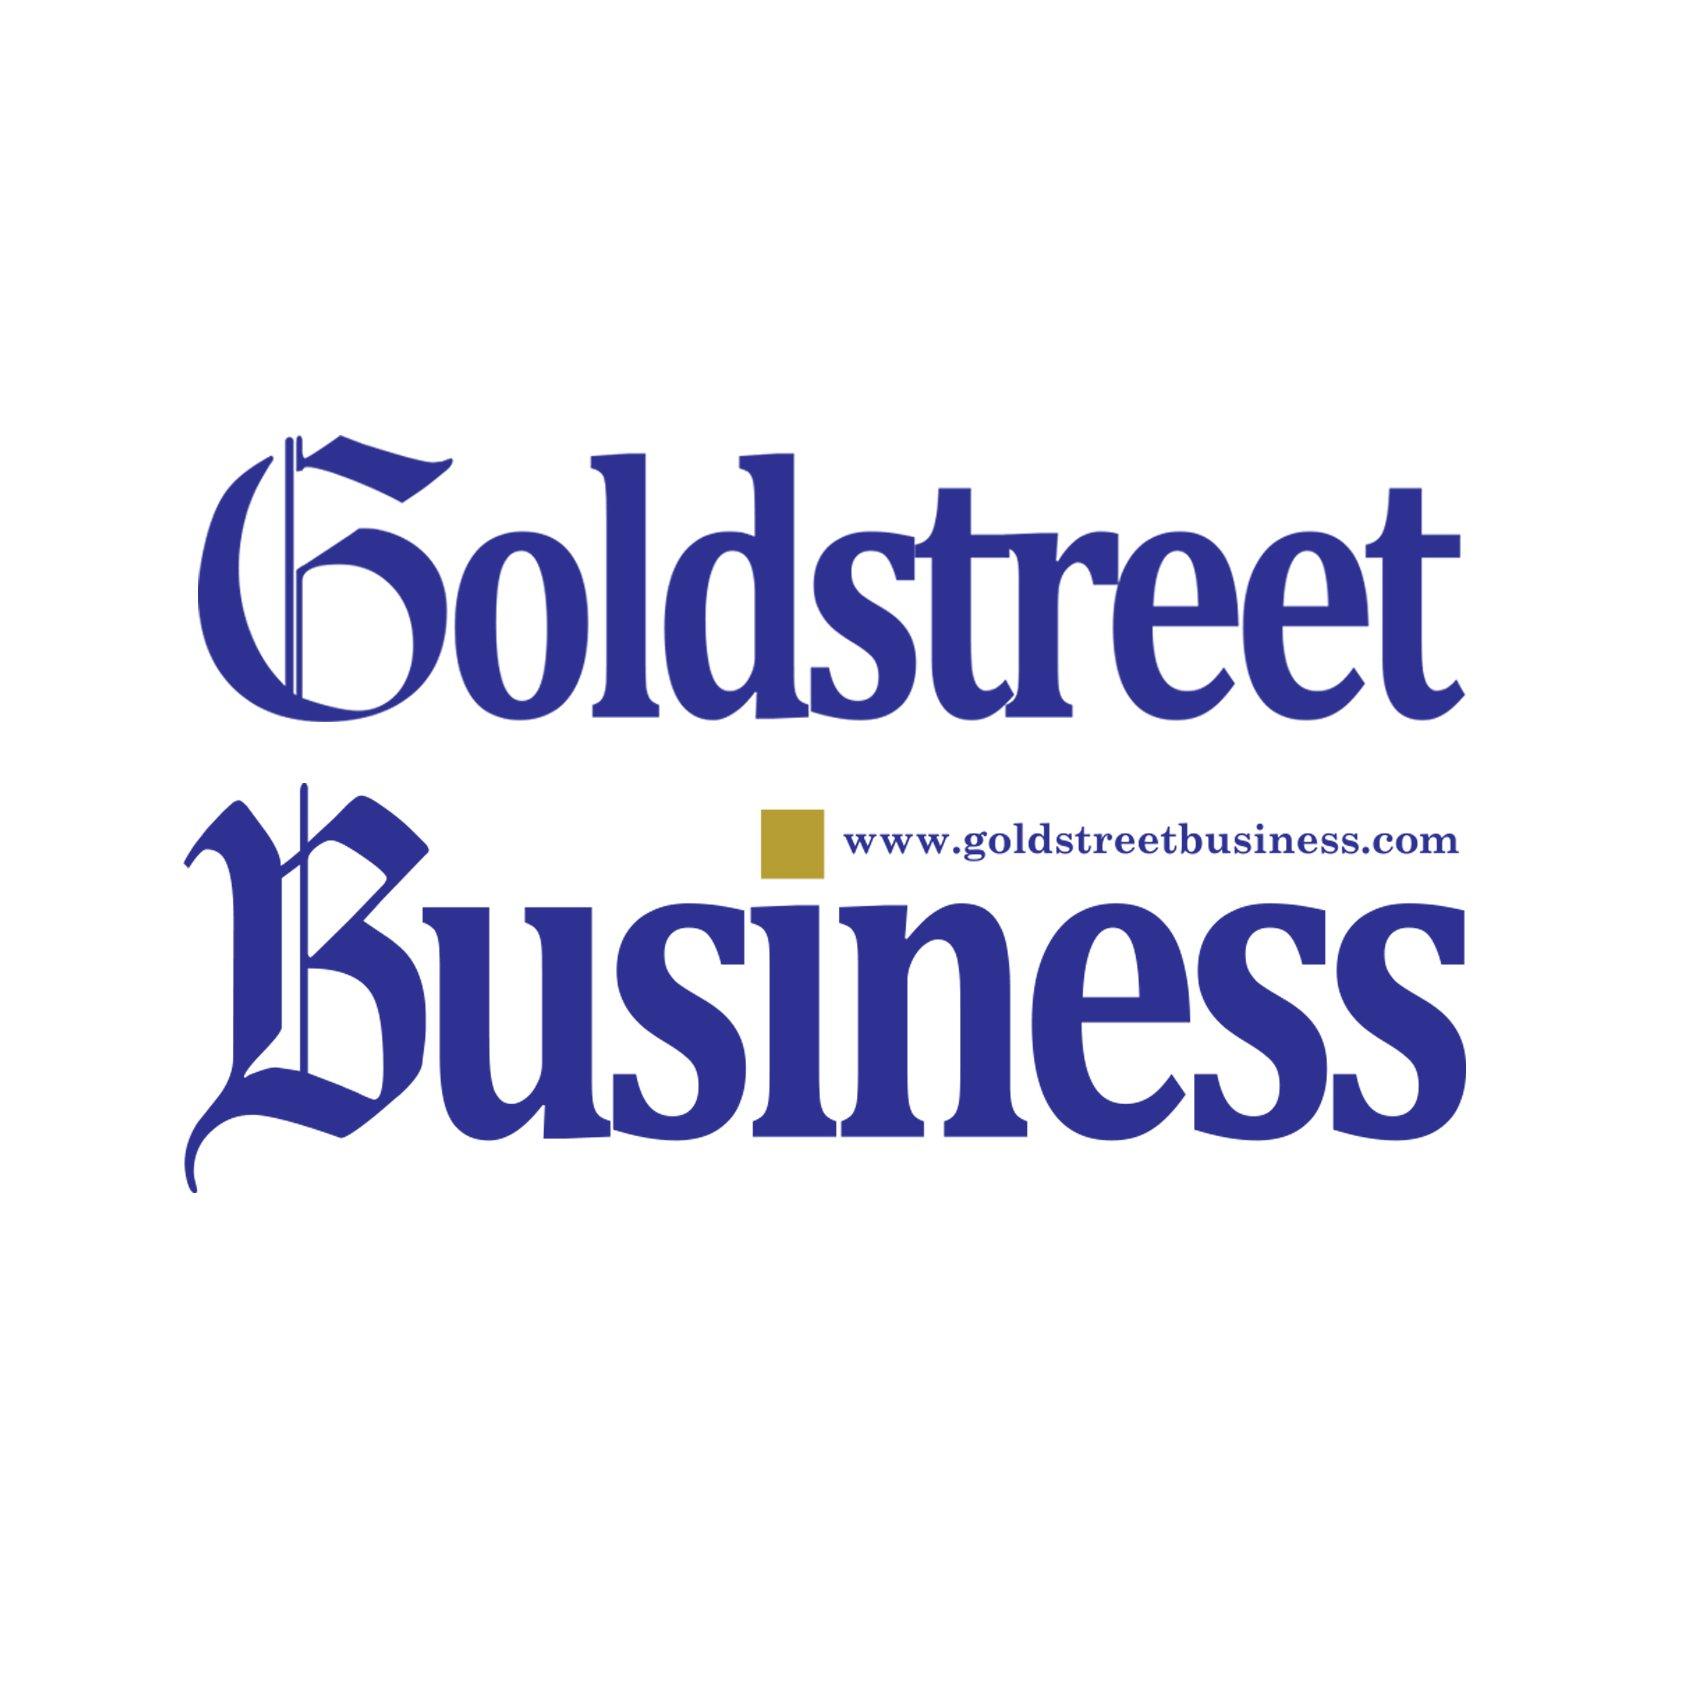 Goldstreet Business